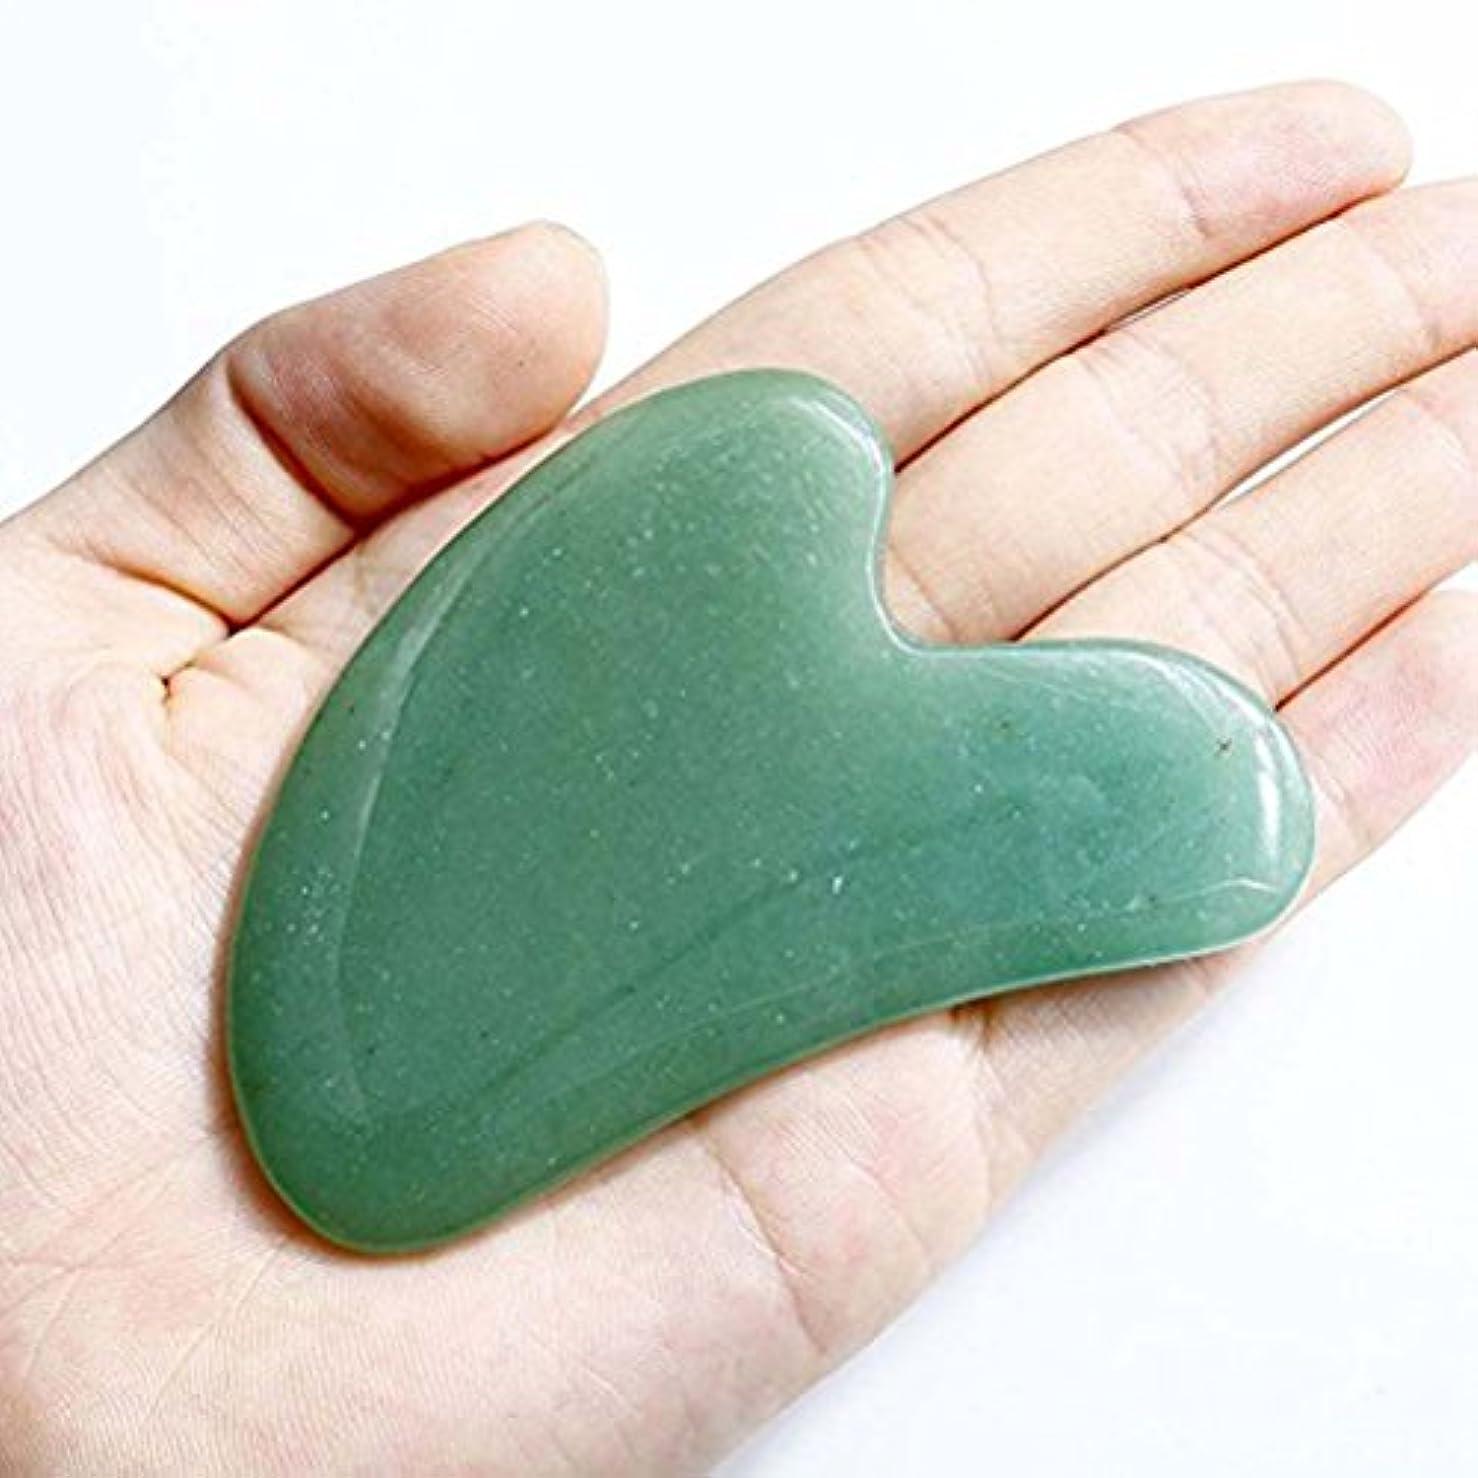 調整ロードブロッキング幾分Echo & Kern Face / Body Massage Green Aventurine heart shape ハート形状かっさプレート 天然石 翡翠色(顔?ボディのリンパマッサージ) (かっさプレートH)